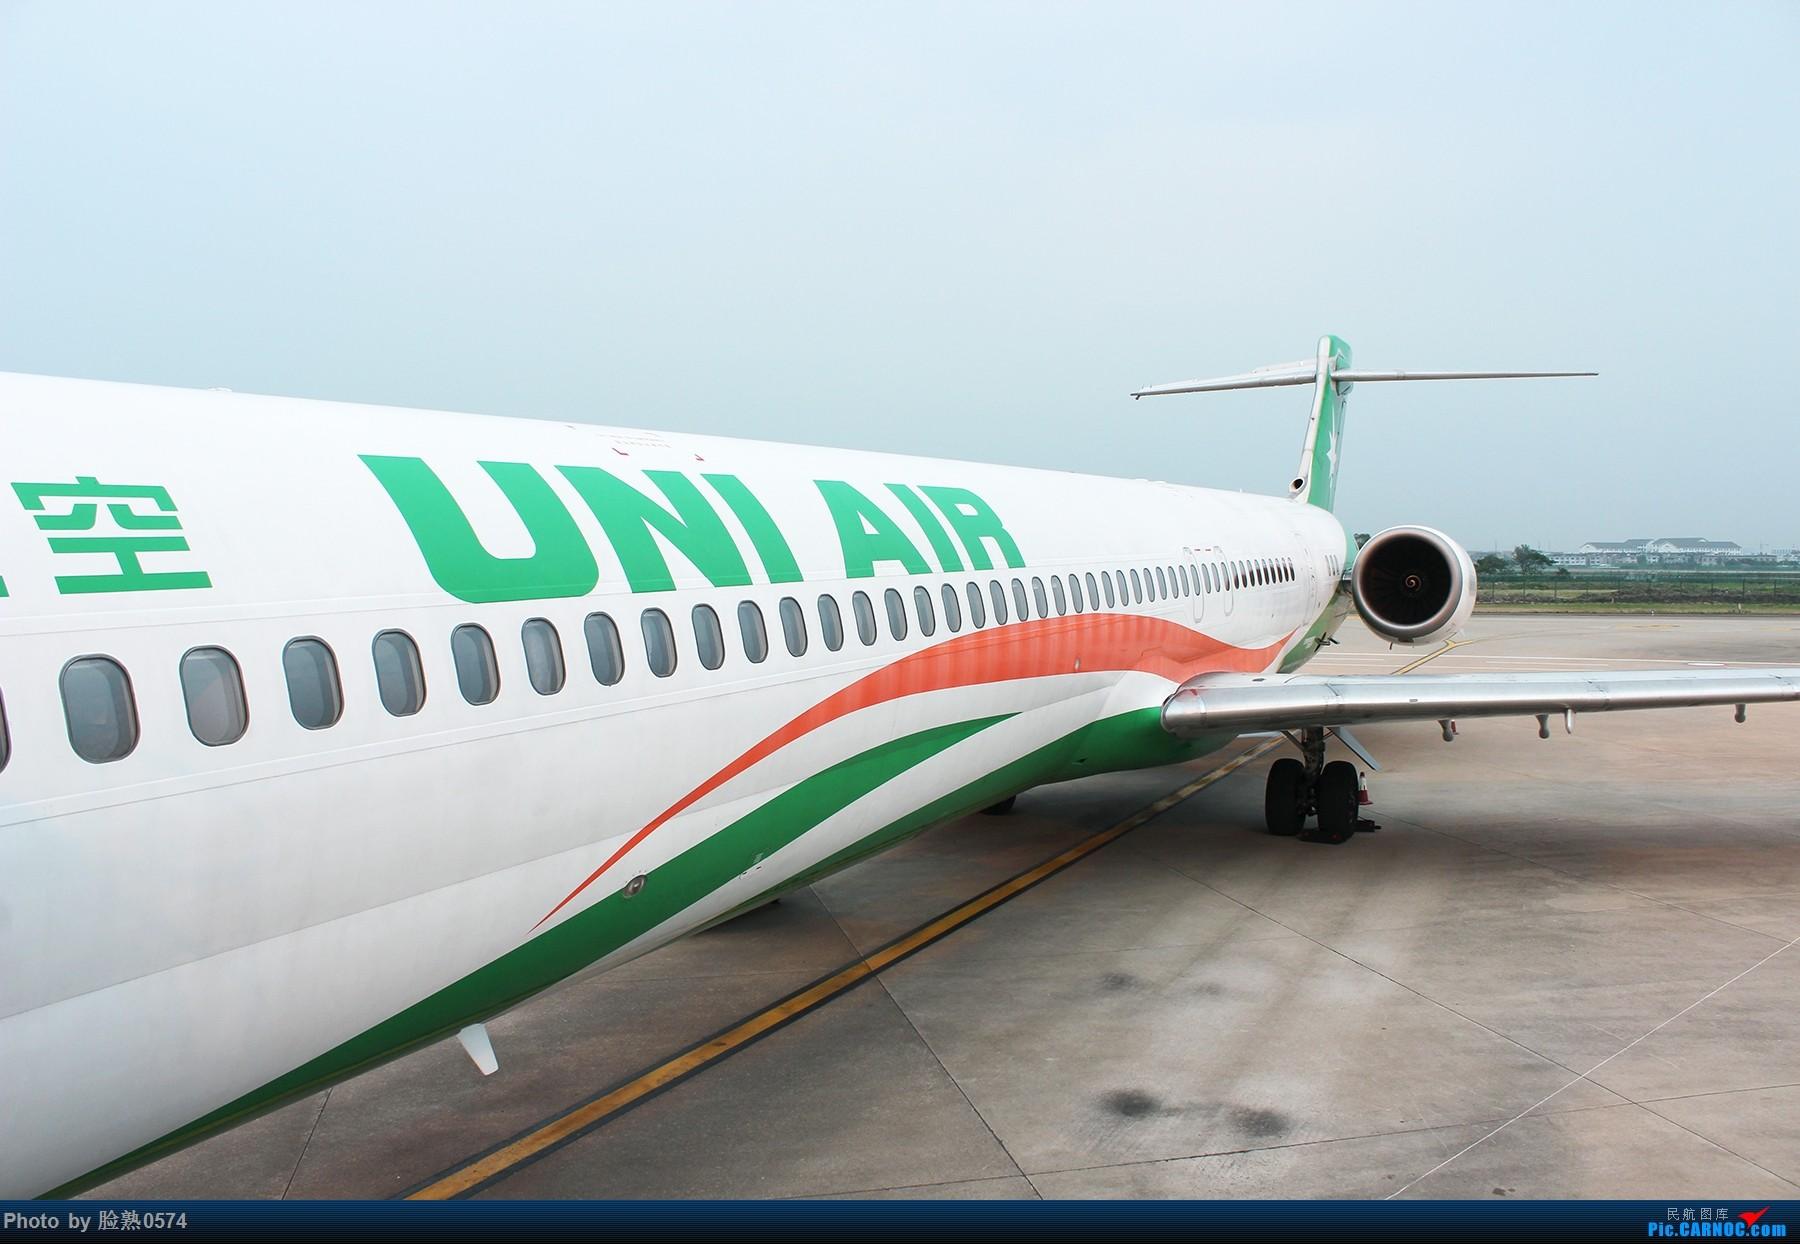 Re:[原创]再见!MD90! MD MD-90-30 B-17920 中国宁波栎社国际机场